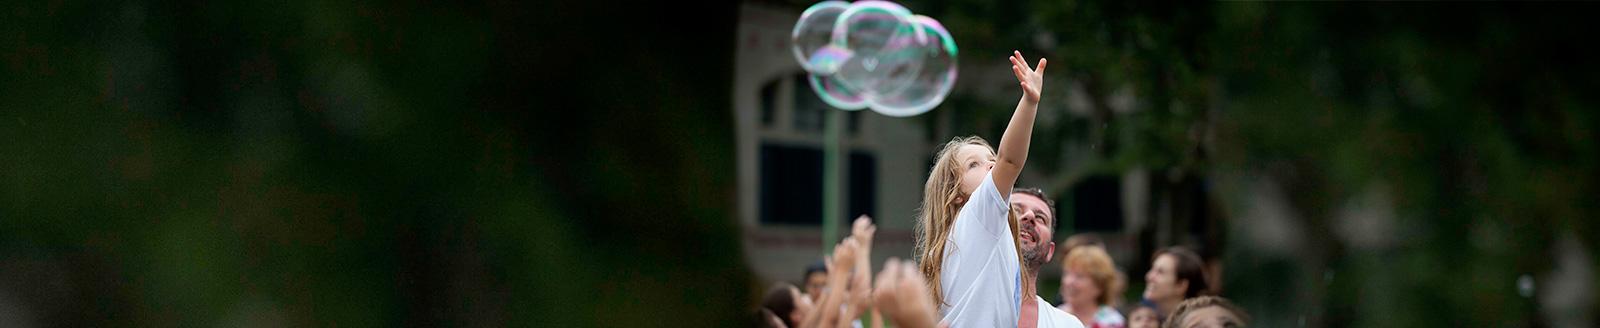 Imagen de una niña con un adulto jugando con una burbuja gigante